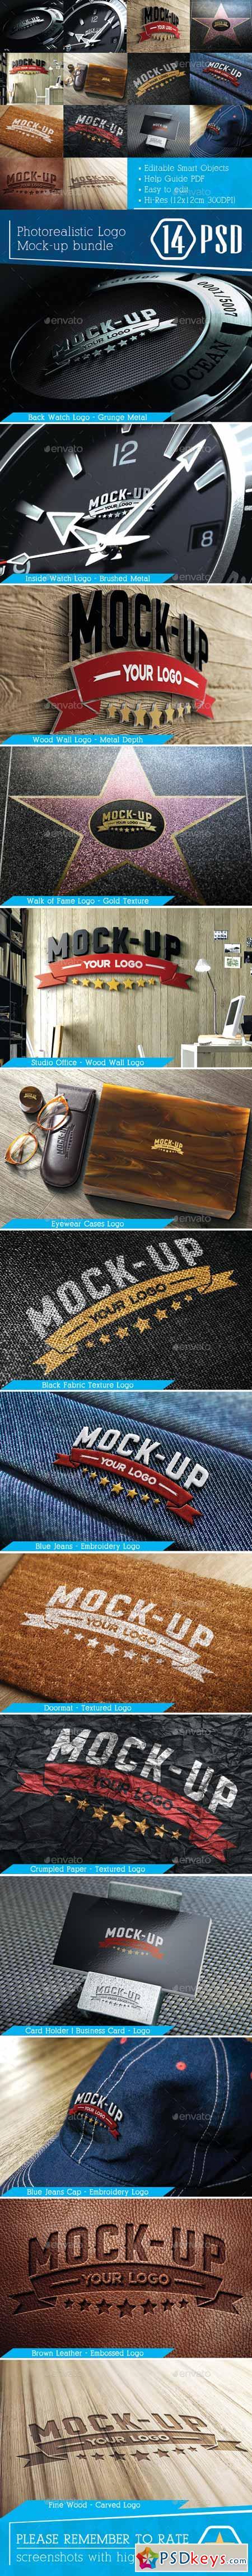 Photorealistic Logo Mock-Up Bundle 8853555